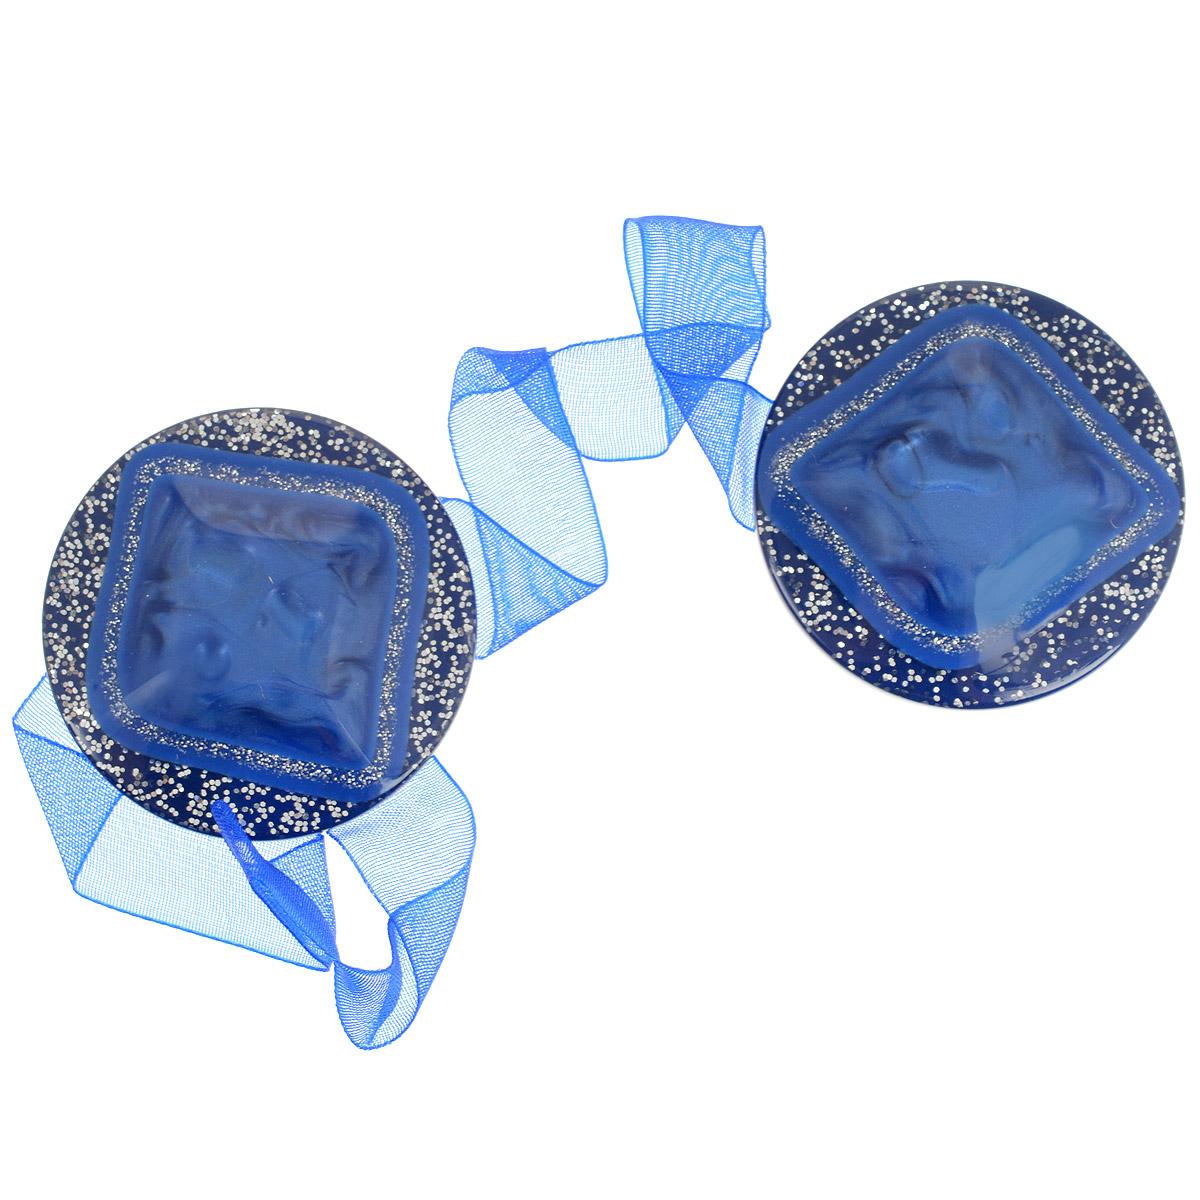 Клипса-магнит для штор Calamita Fiore, цвет: яркий василек. 7704019_7927704019_792Клипса-магнит Calamita Fiore, изготовленная из пластика и текстиля, предназначена для придания формы шторам. Изделие, декорированное блестками, представляет собой два магнита круглой формы, расположенных на разных концах текстильной ленты. С помощью такой магнитной клипсы можно зафиксировать портьеры, придать им требуемое положение, сделать складки симметричными или приблизить портьеры, скрепить их. Клипсы для штор являются универсальным изделием, которое превосходно подойдет как для штор в детской комнате, так и для штор в гостиной. Следует отметить, что клипсы для штор выполняют не только практическую функцию, но также являются одной из основных деталей декора этого изделия, которая придает шторам восхитительный, стильный внешний вид. Диаметр клипсы: 4 см. Длина ленты: 28 см.